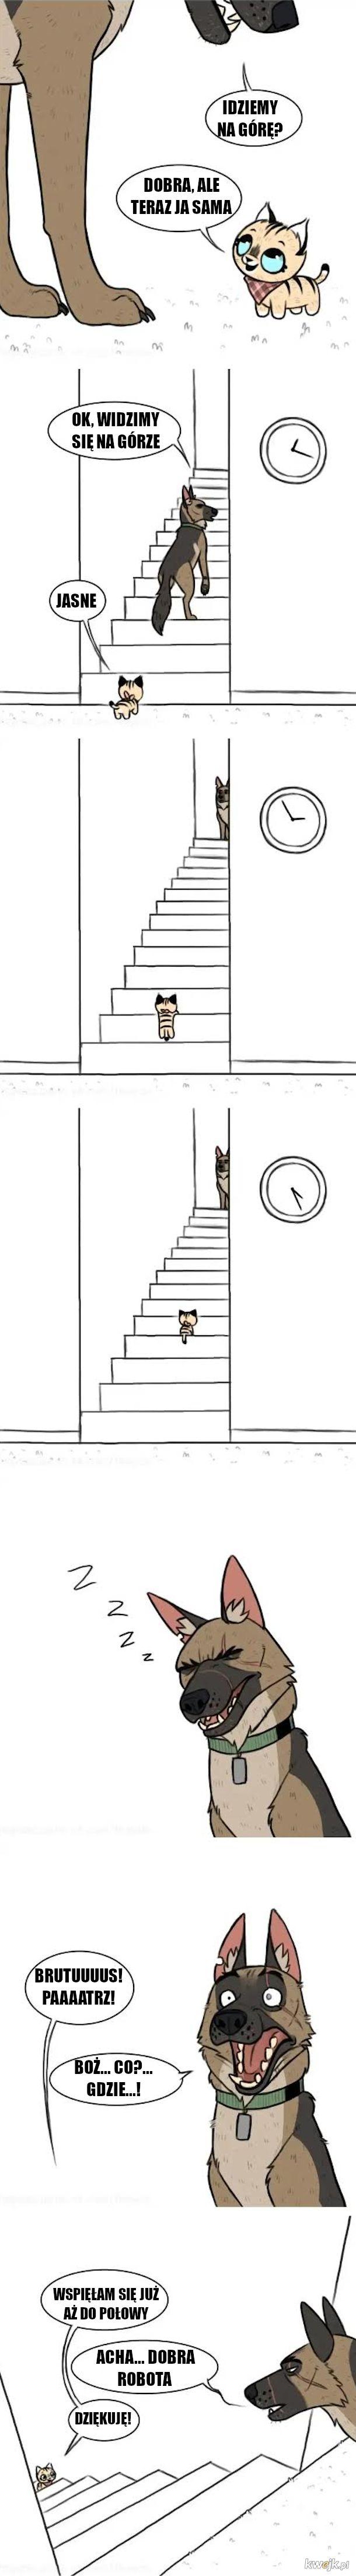 Wspinaczka na górę